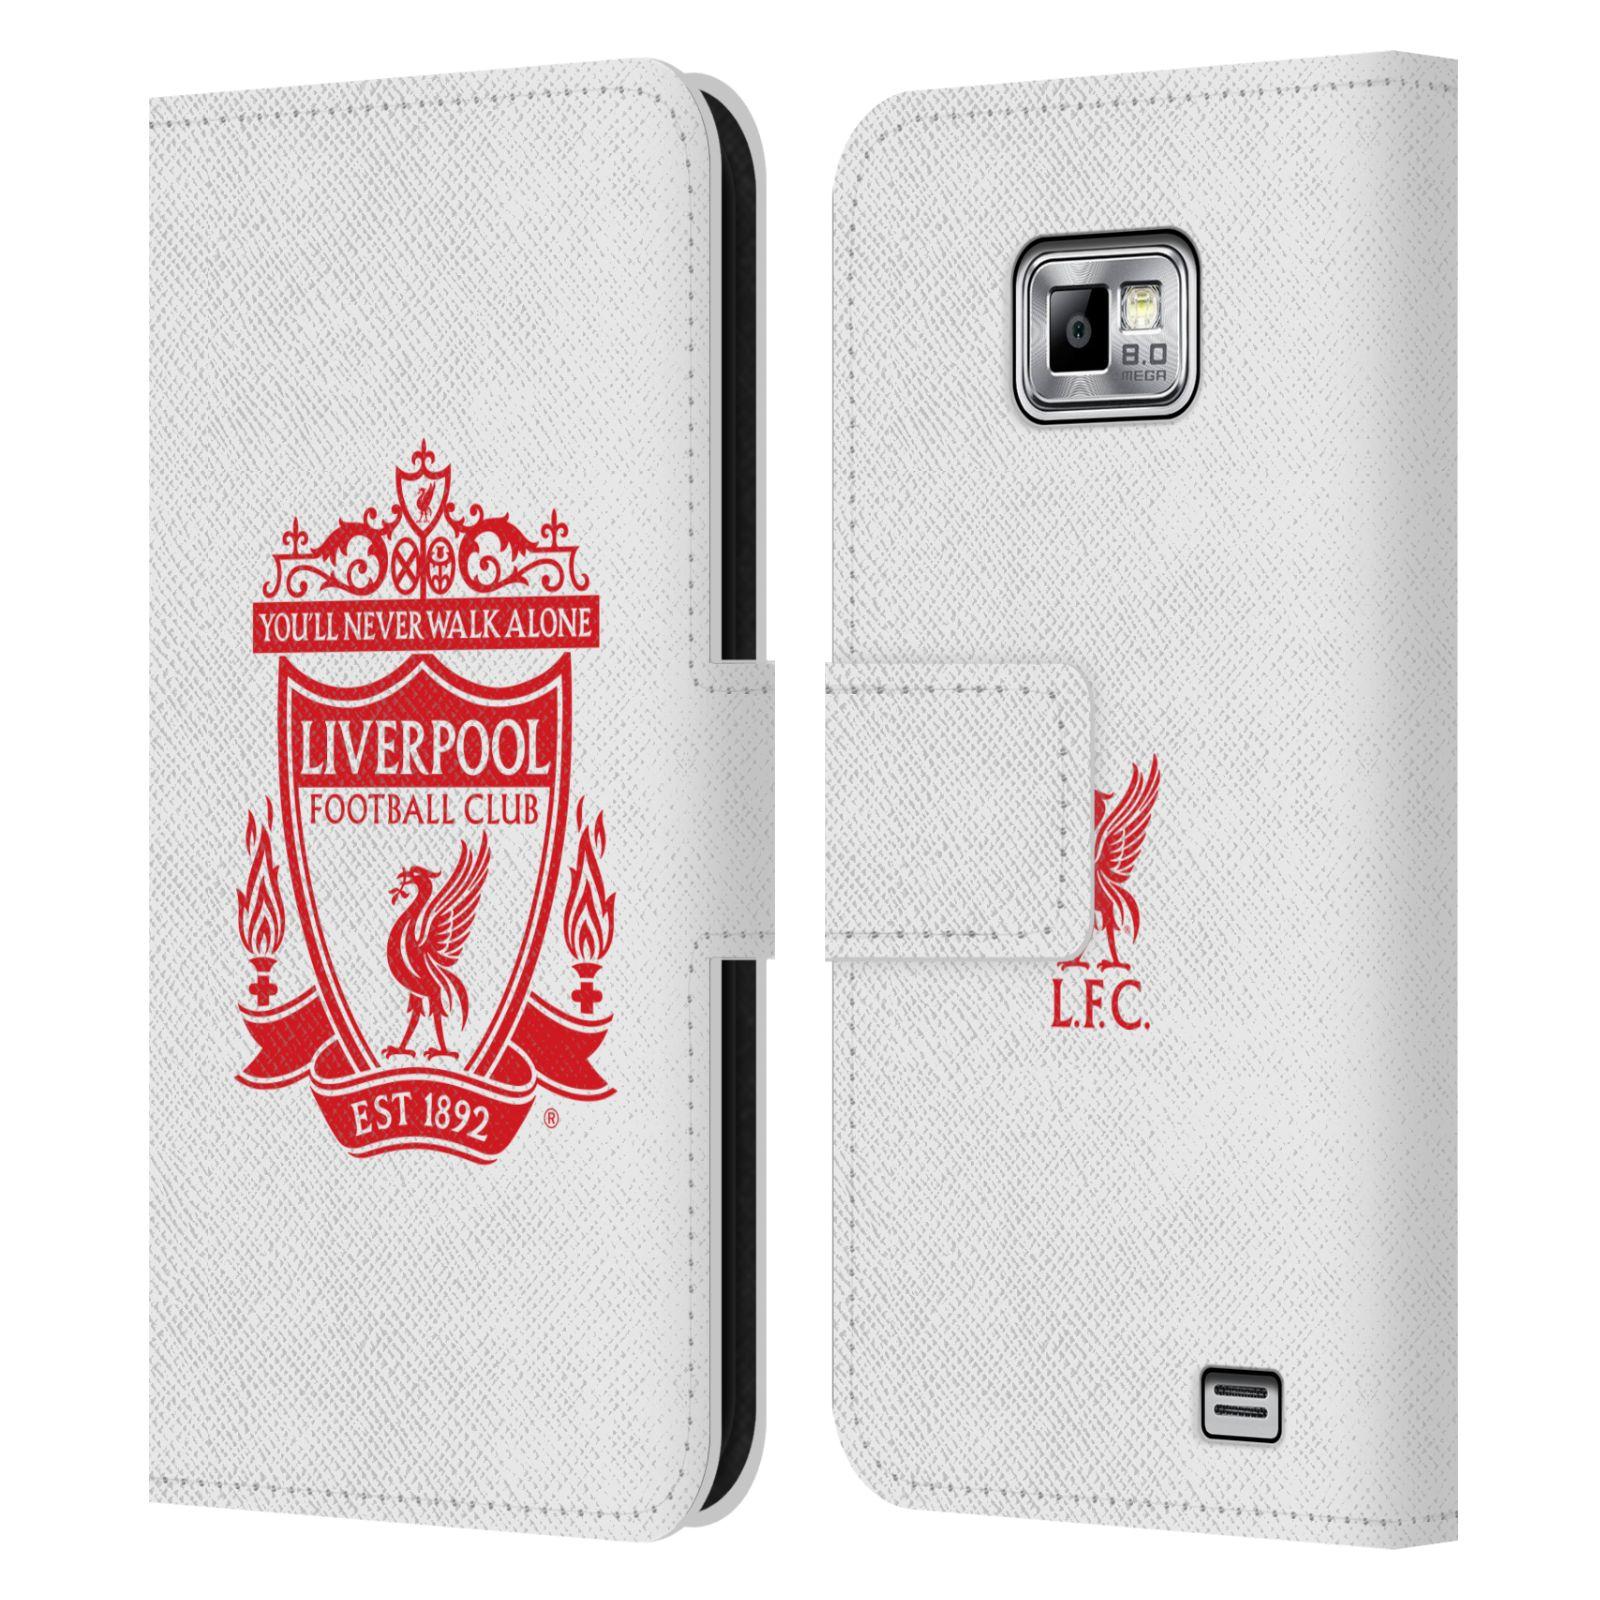 HEAD CASE Flipové pouzdro pro mobil Samsung Galaxy S2 i9100 LIVERPOOL FC OFICIÁLNÍ ZNAK červený znak na bílé